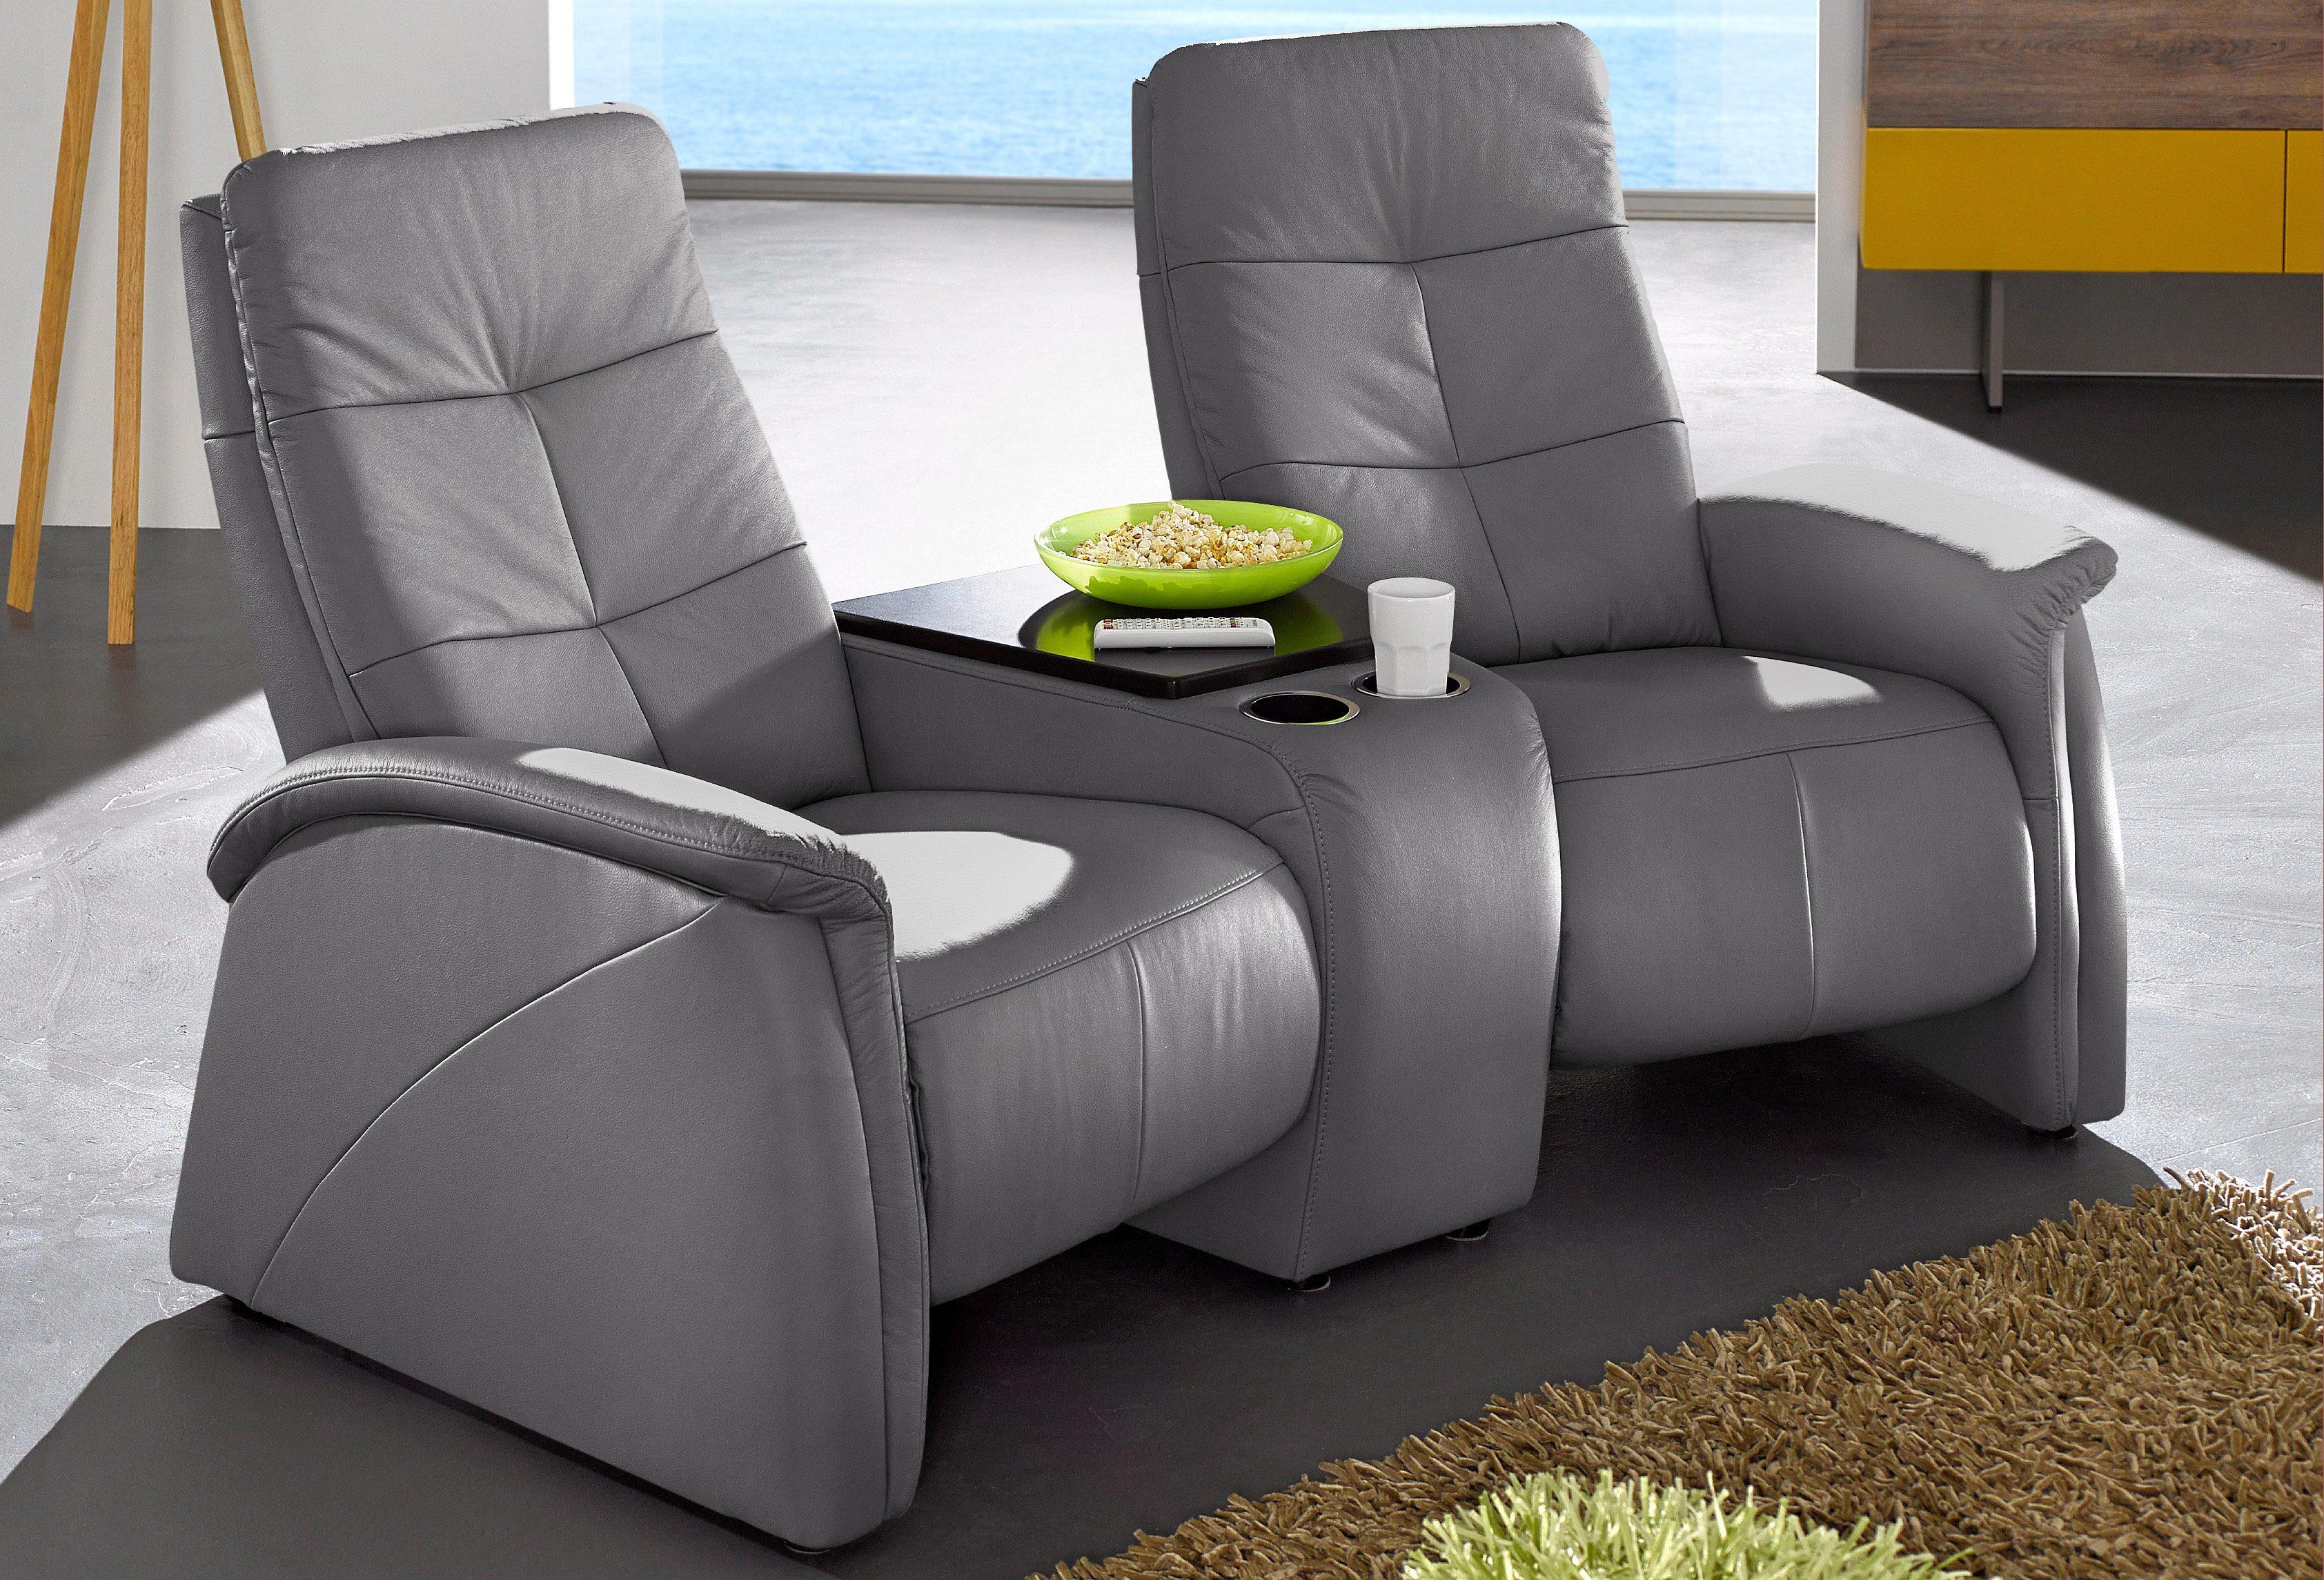 Image of 2-Sitzer, City Sofa, mit Relaxfunktion, integrierter Tischablage und Stauraumfach